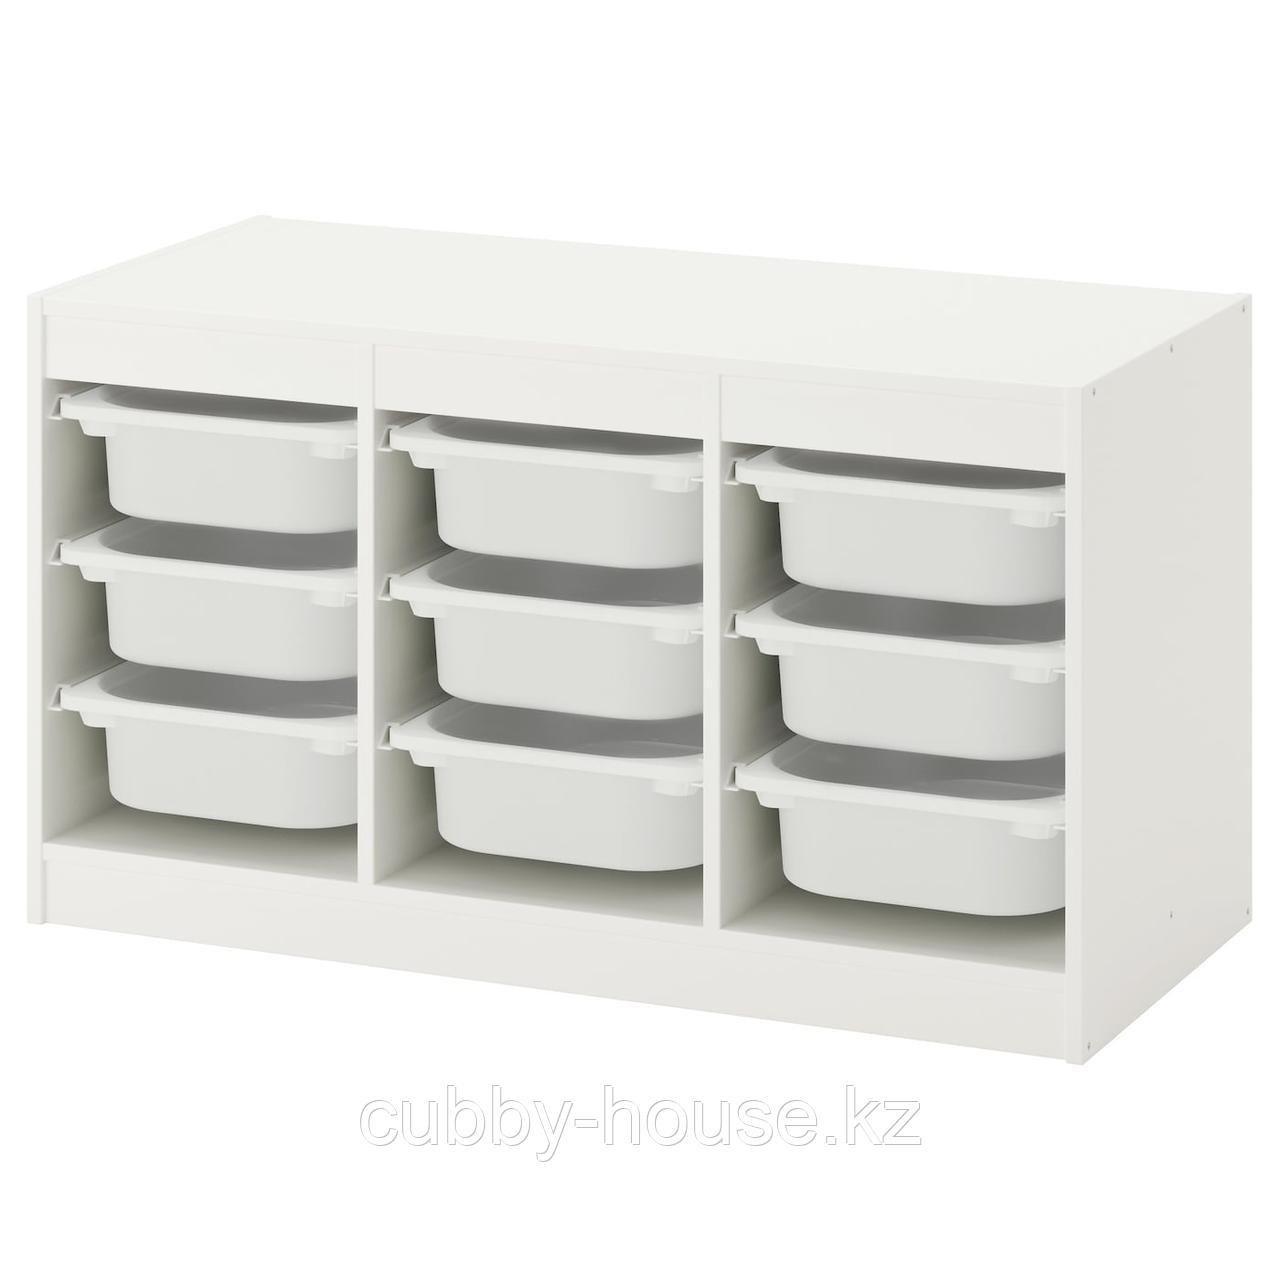 ТРУФАСТ Комбинация д/хранения+контейнеры, белый, розовый, 99x44x56 см